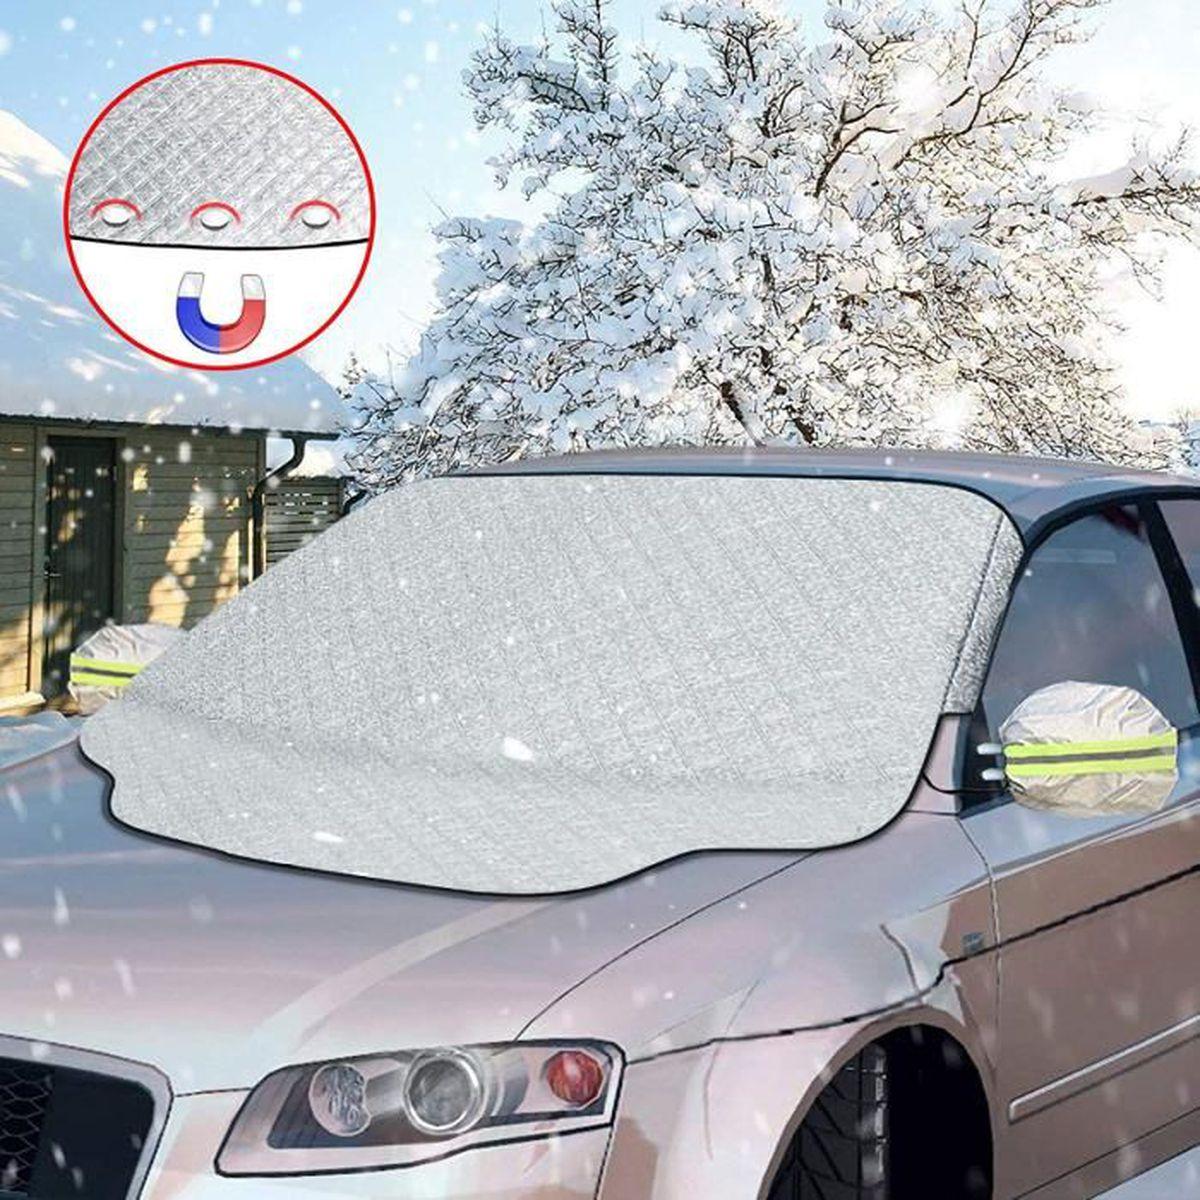 Casecover Pare-Brise Avant Voiture Couverture dhiver /Épaissir Anti-Neige Anti-Gel Anti-Freeze Pare-Brise Demi-Shield V/êtements Pare-Brise De La Couverture Neigeuse